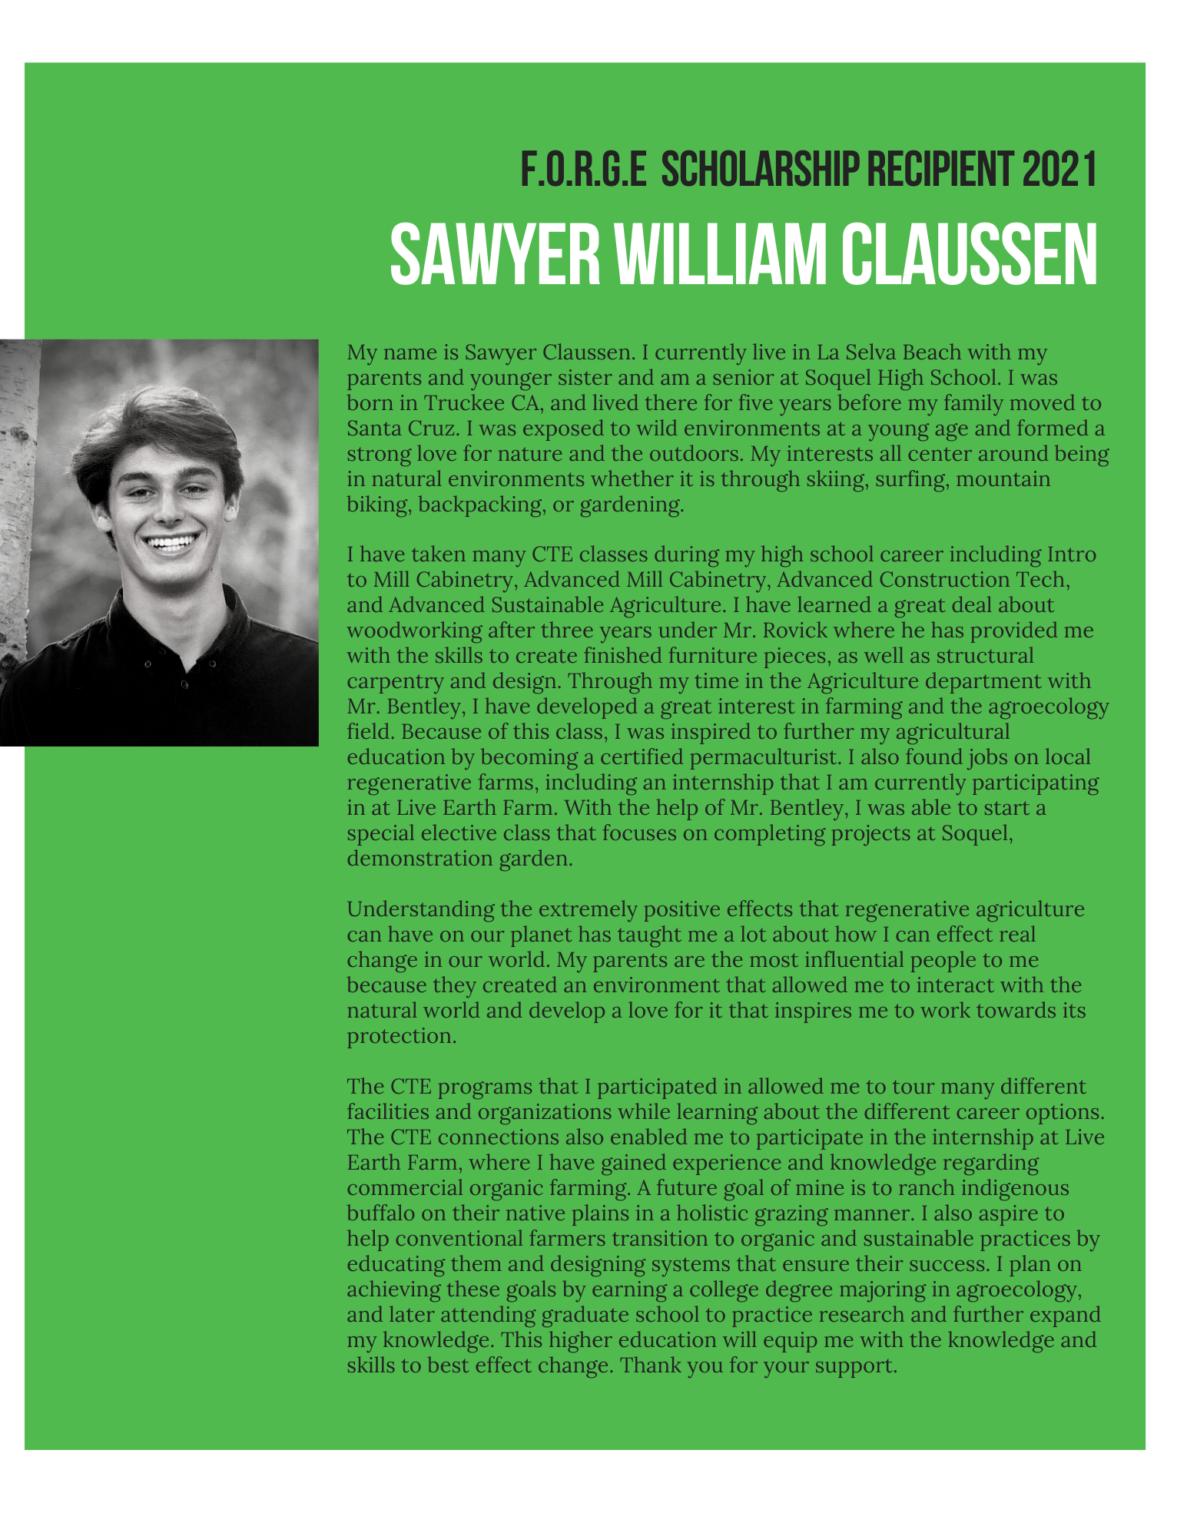 sawyer william claussen essay